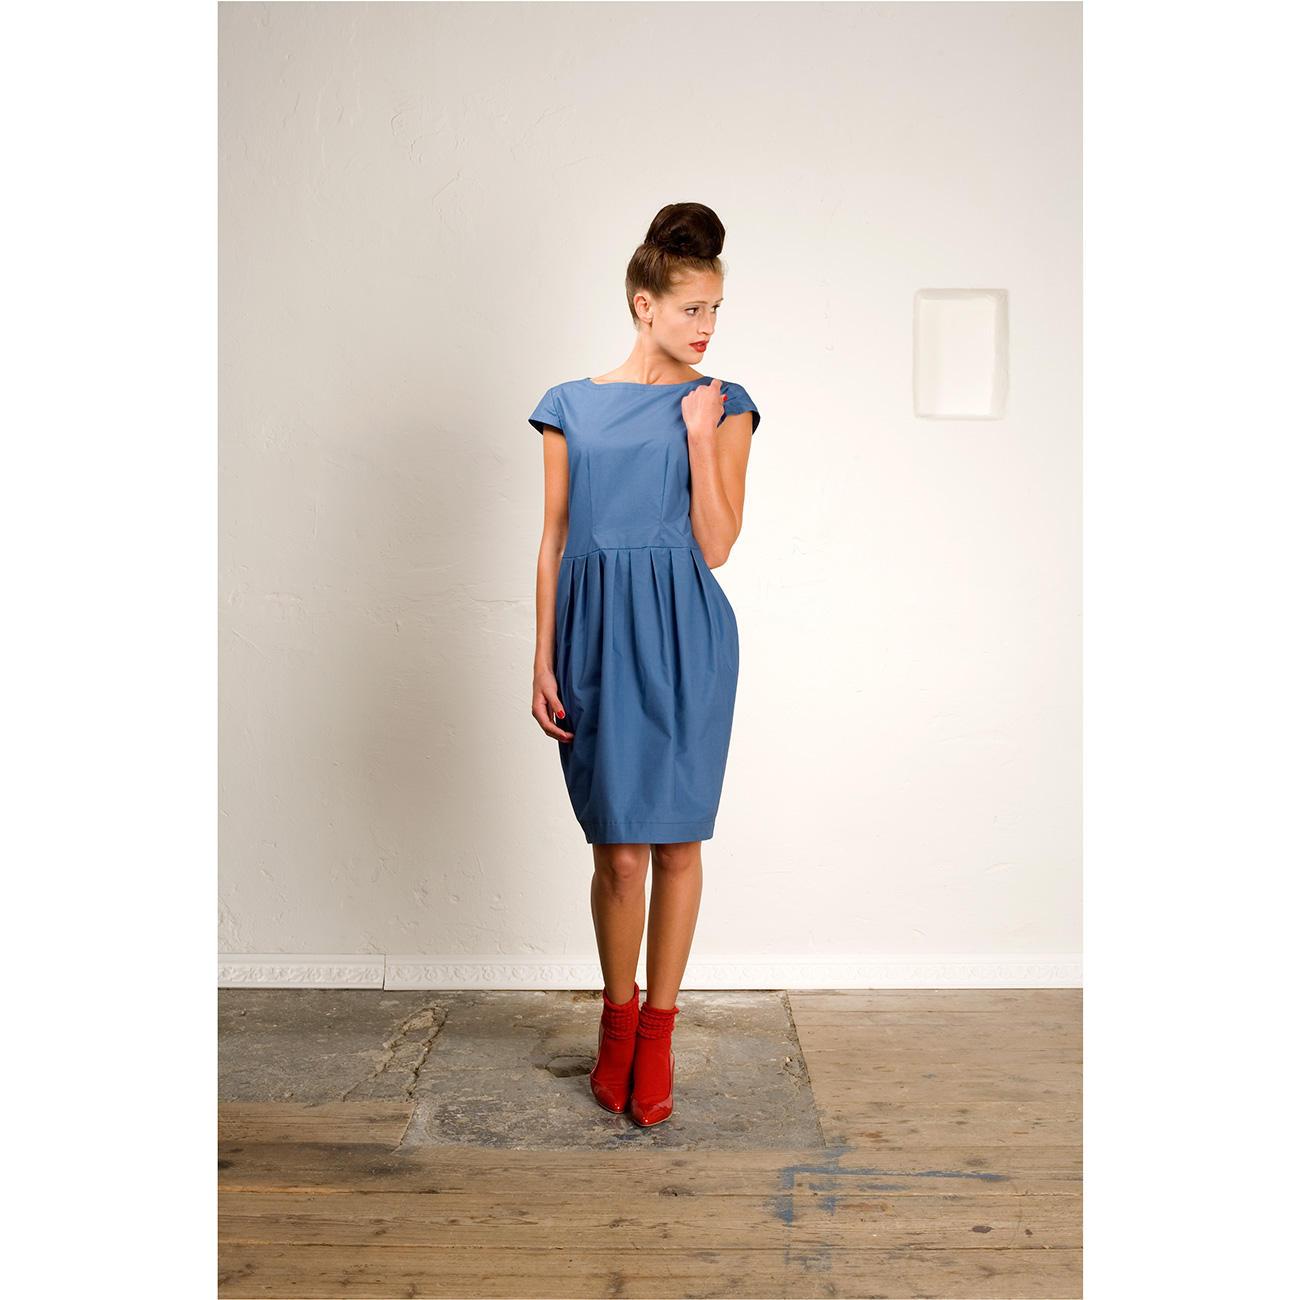 Schnittmuster Tulpen-Kleid - Tanja